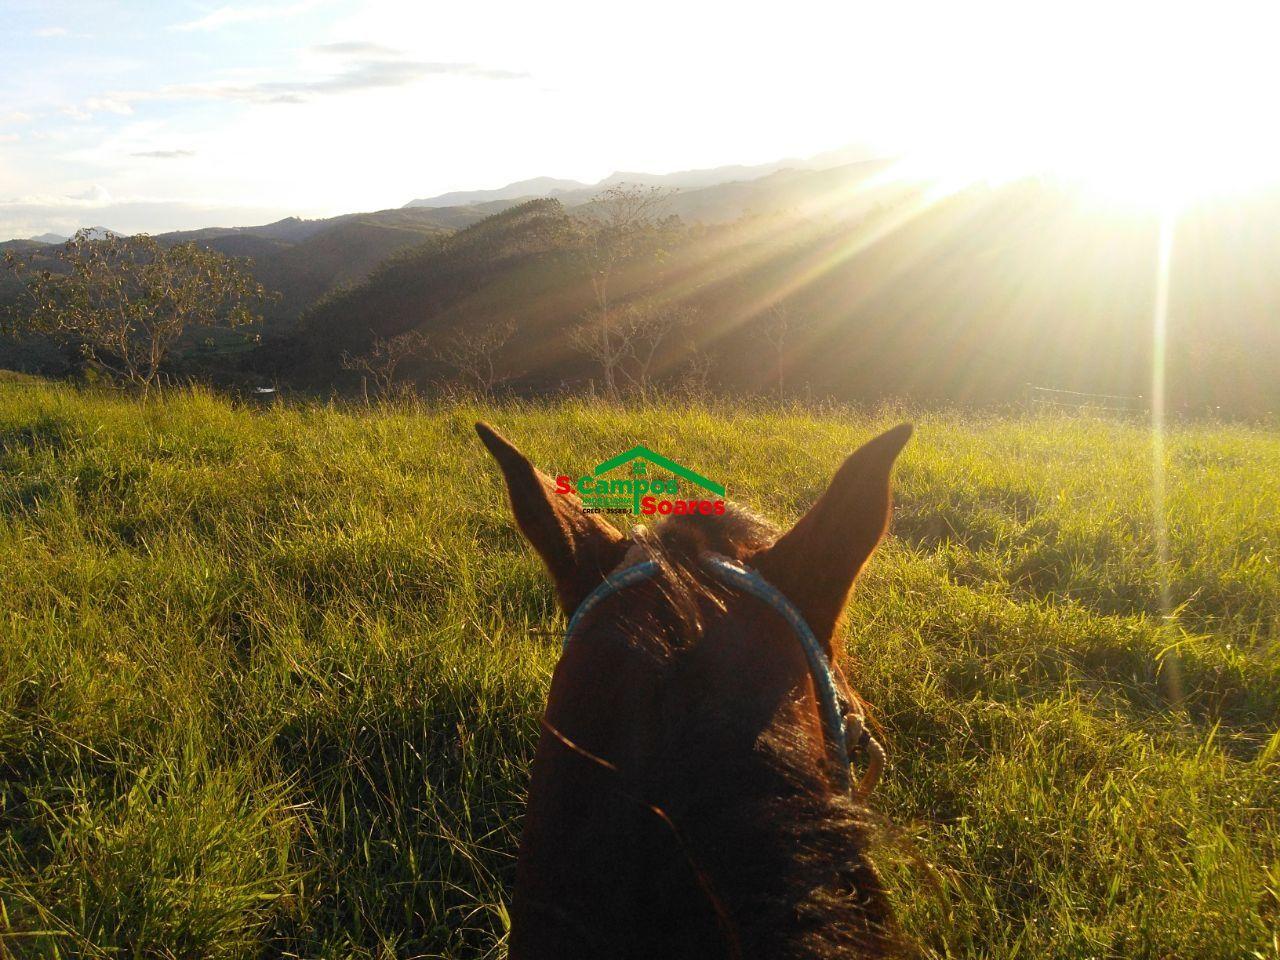 Terreno/Lote à venda  no Zona Rural - Cunha, SP. Imóveis